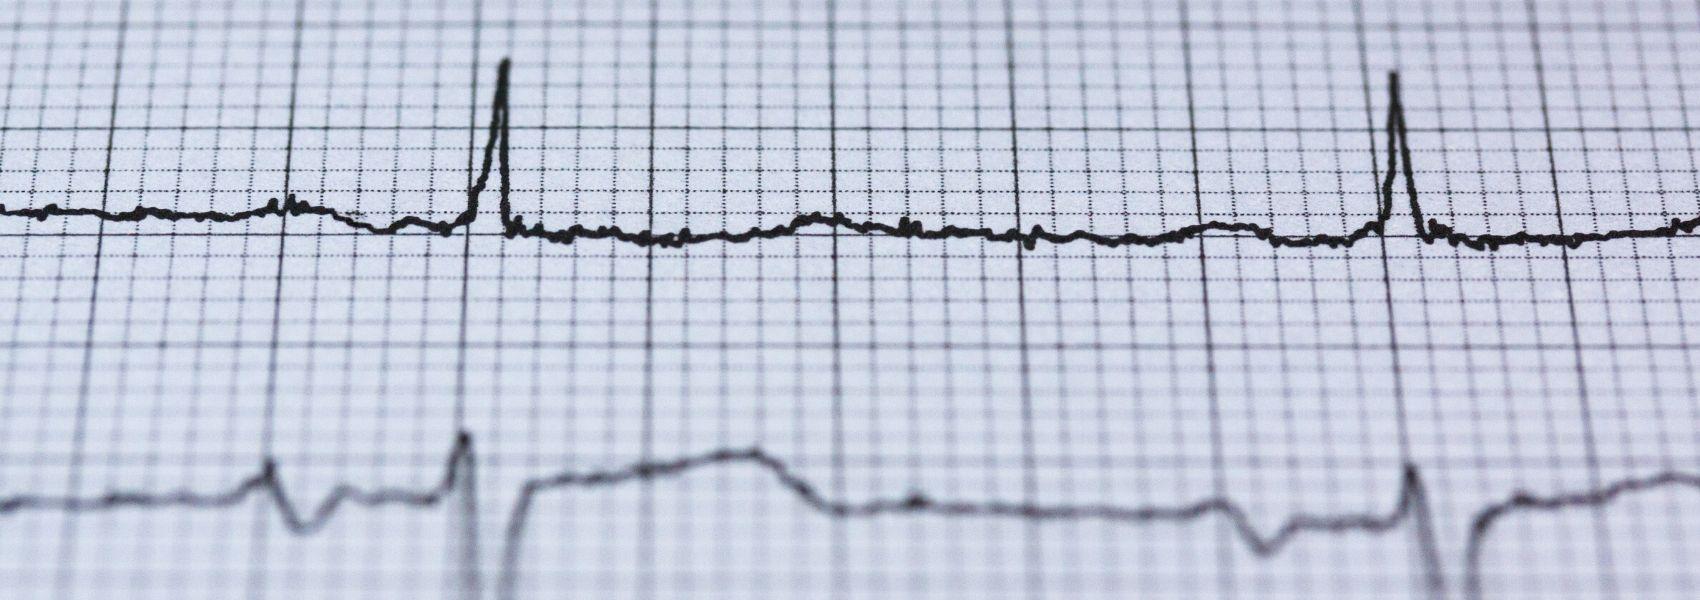 Mesmo depois de um AVC, doentes não mudam estilos de vida